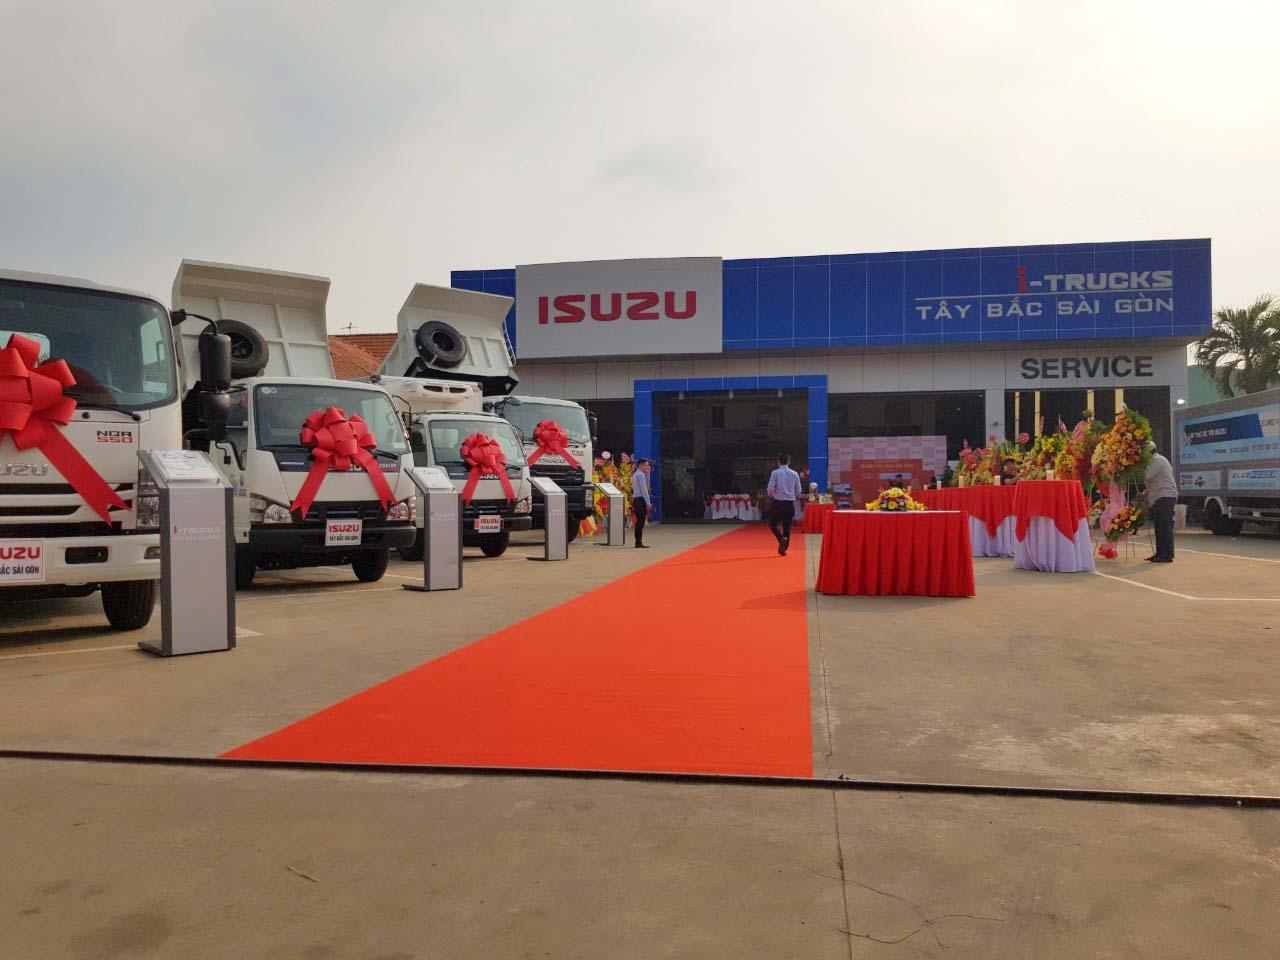 Thảm đỏ đón khách khai trương đại lý Isuzu Hóc Môn I-Trucks Tây Bắc Sài Gòn